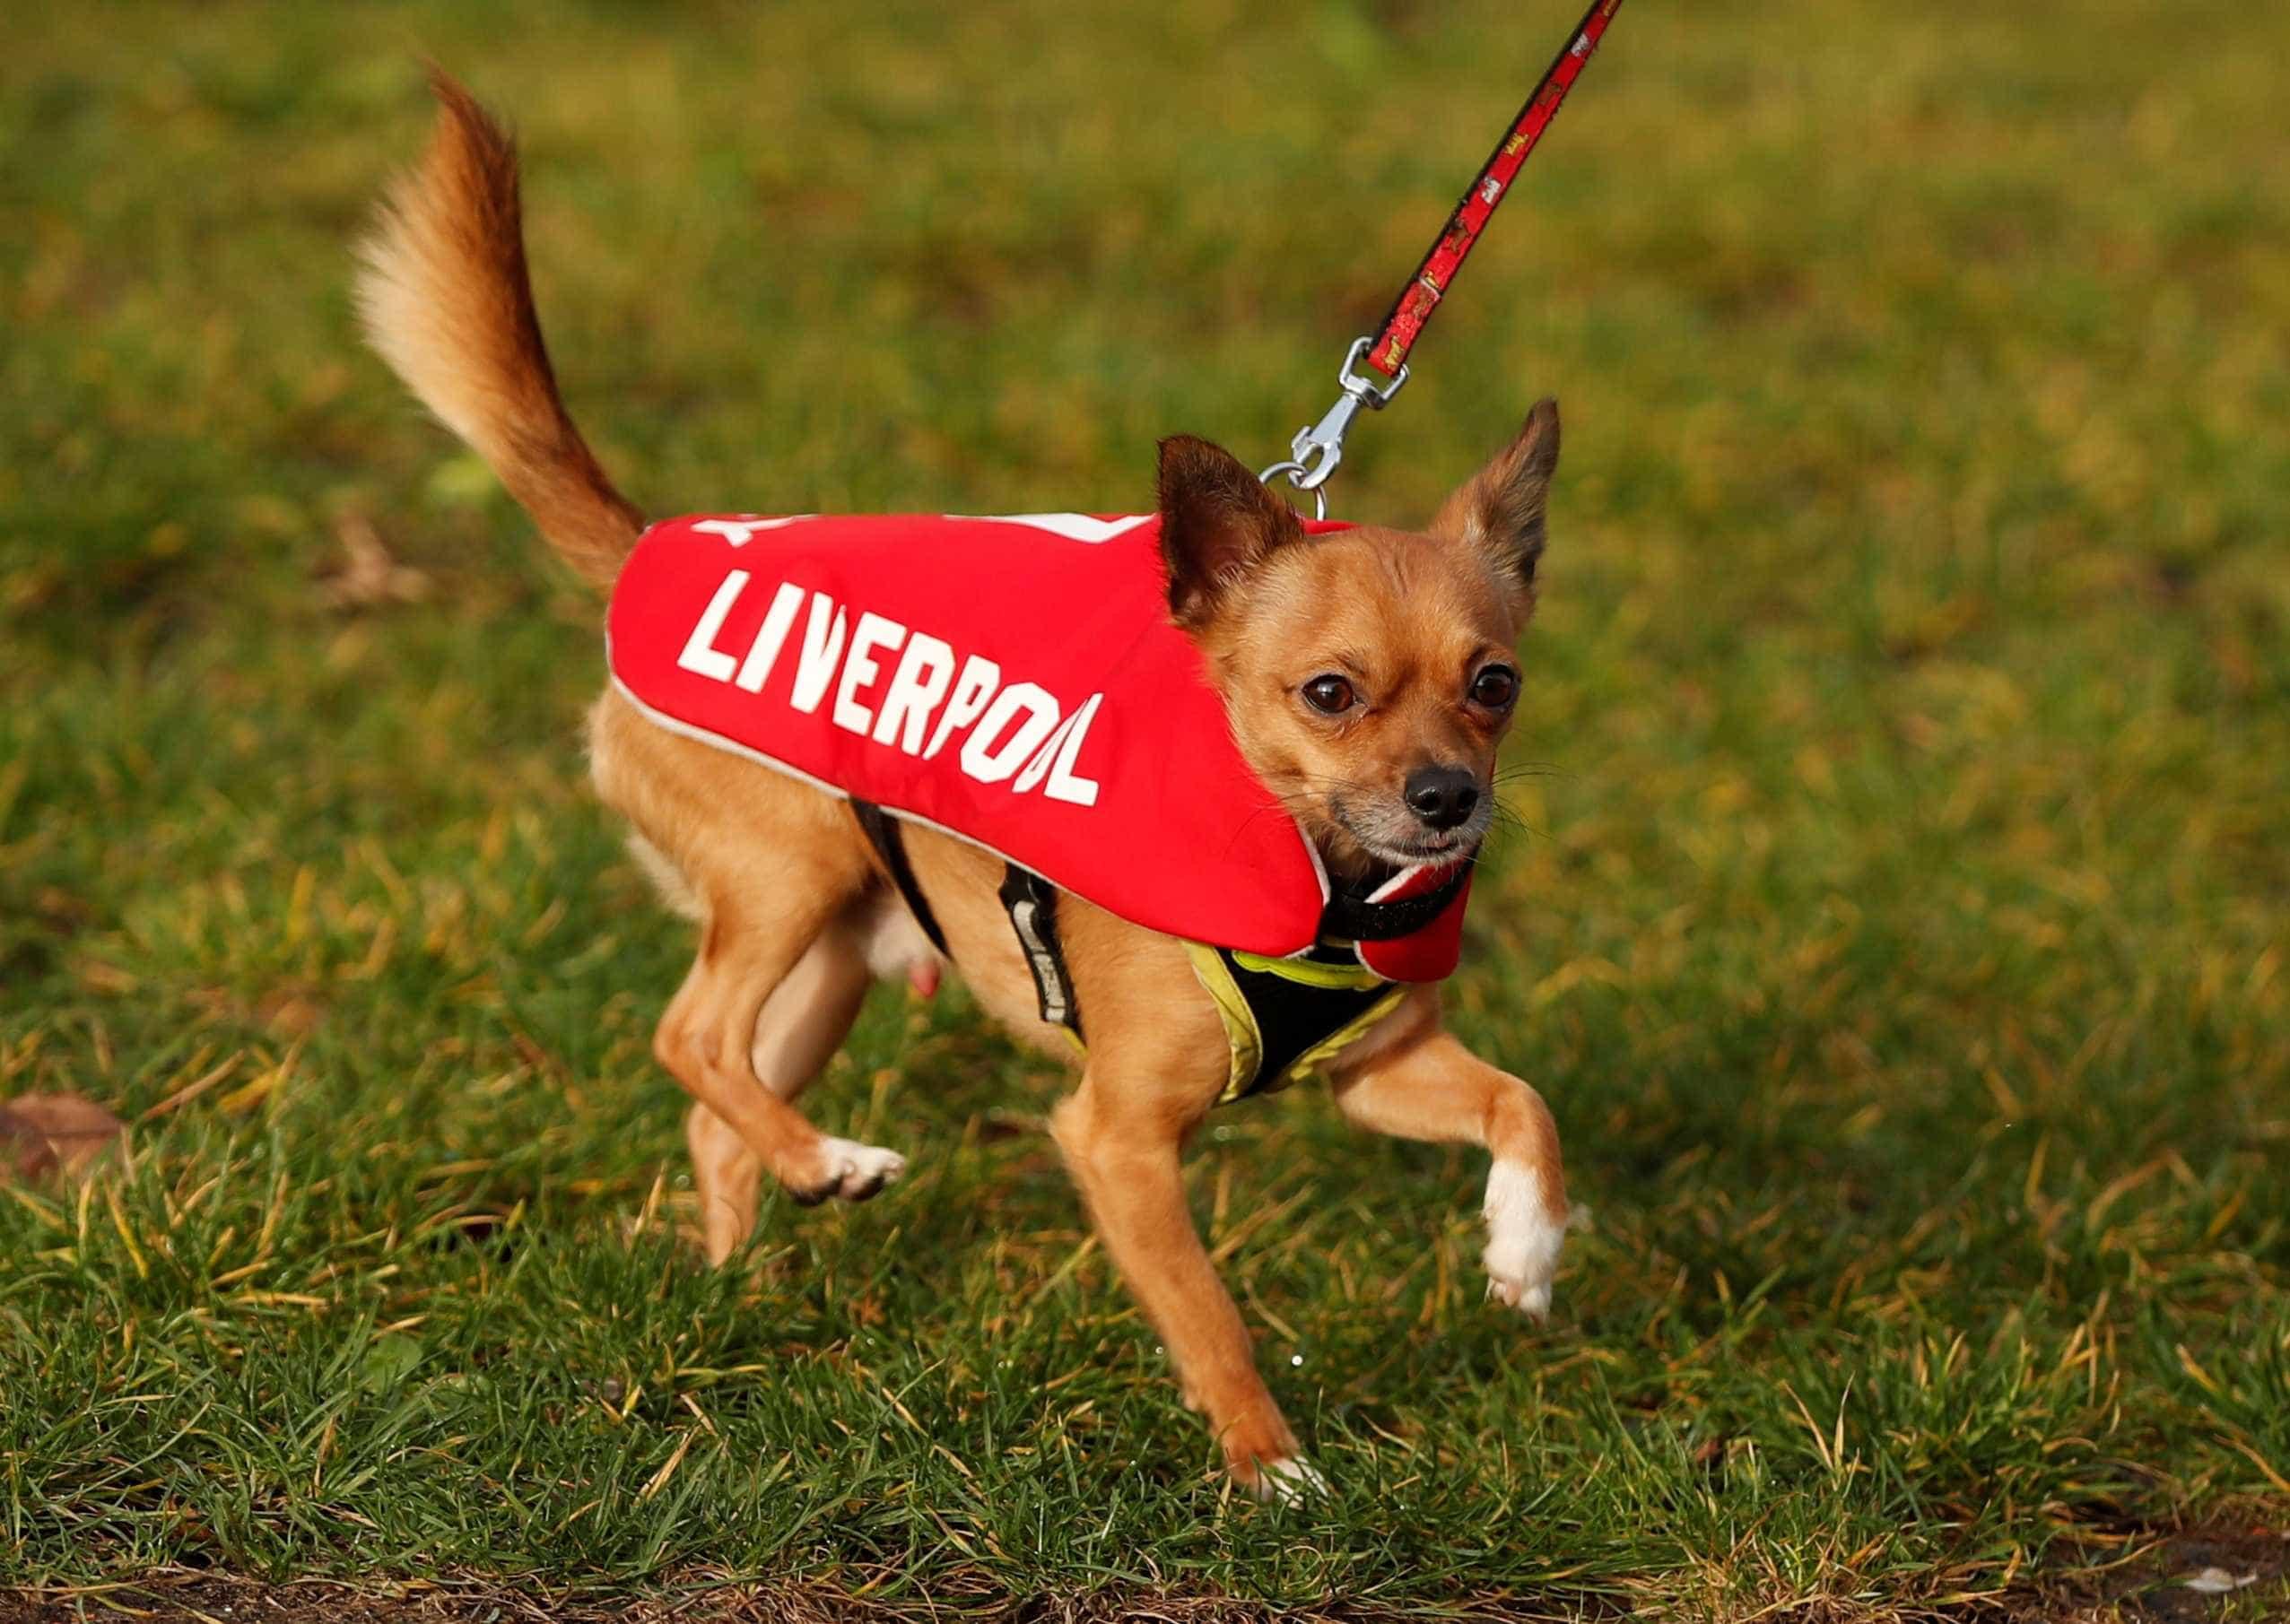 Os cães também vão ao futebol... e com indumentária a rigor